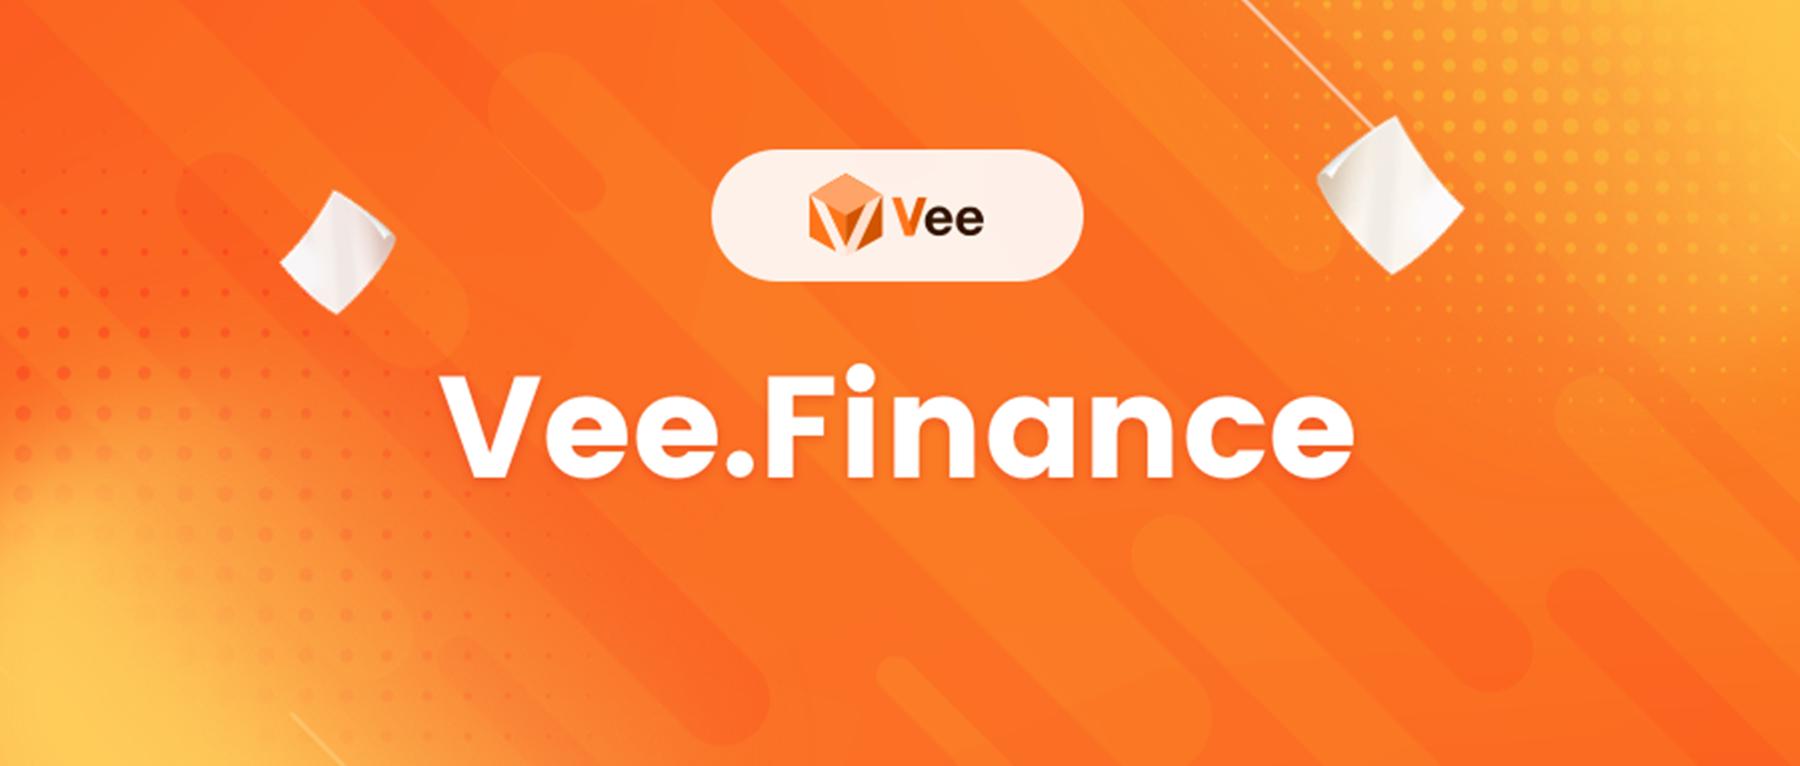 Avalanche生態|Vee Finance 3600萬鎂攻擊事件,平台將承擔「全部損失」、已上報FBI